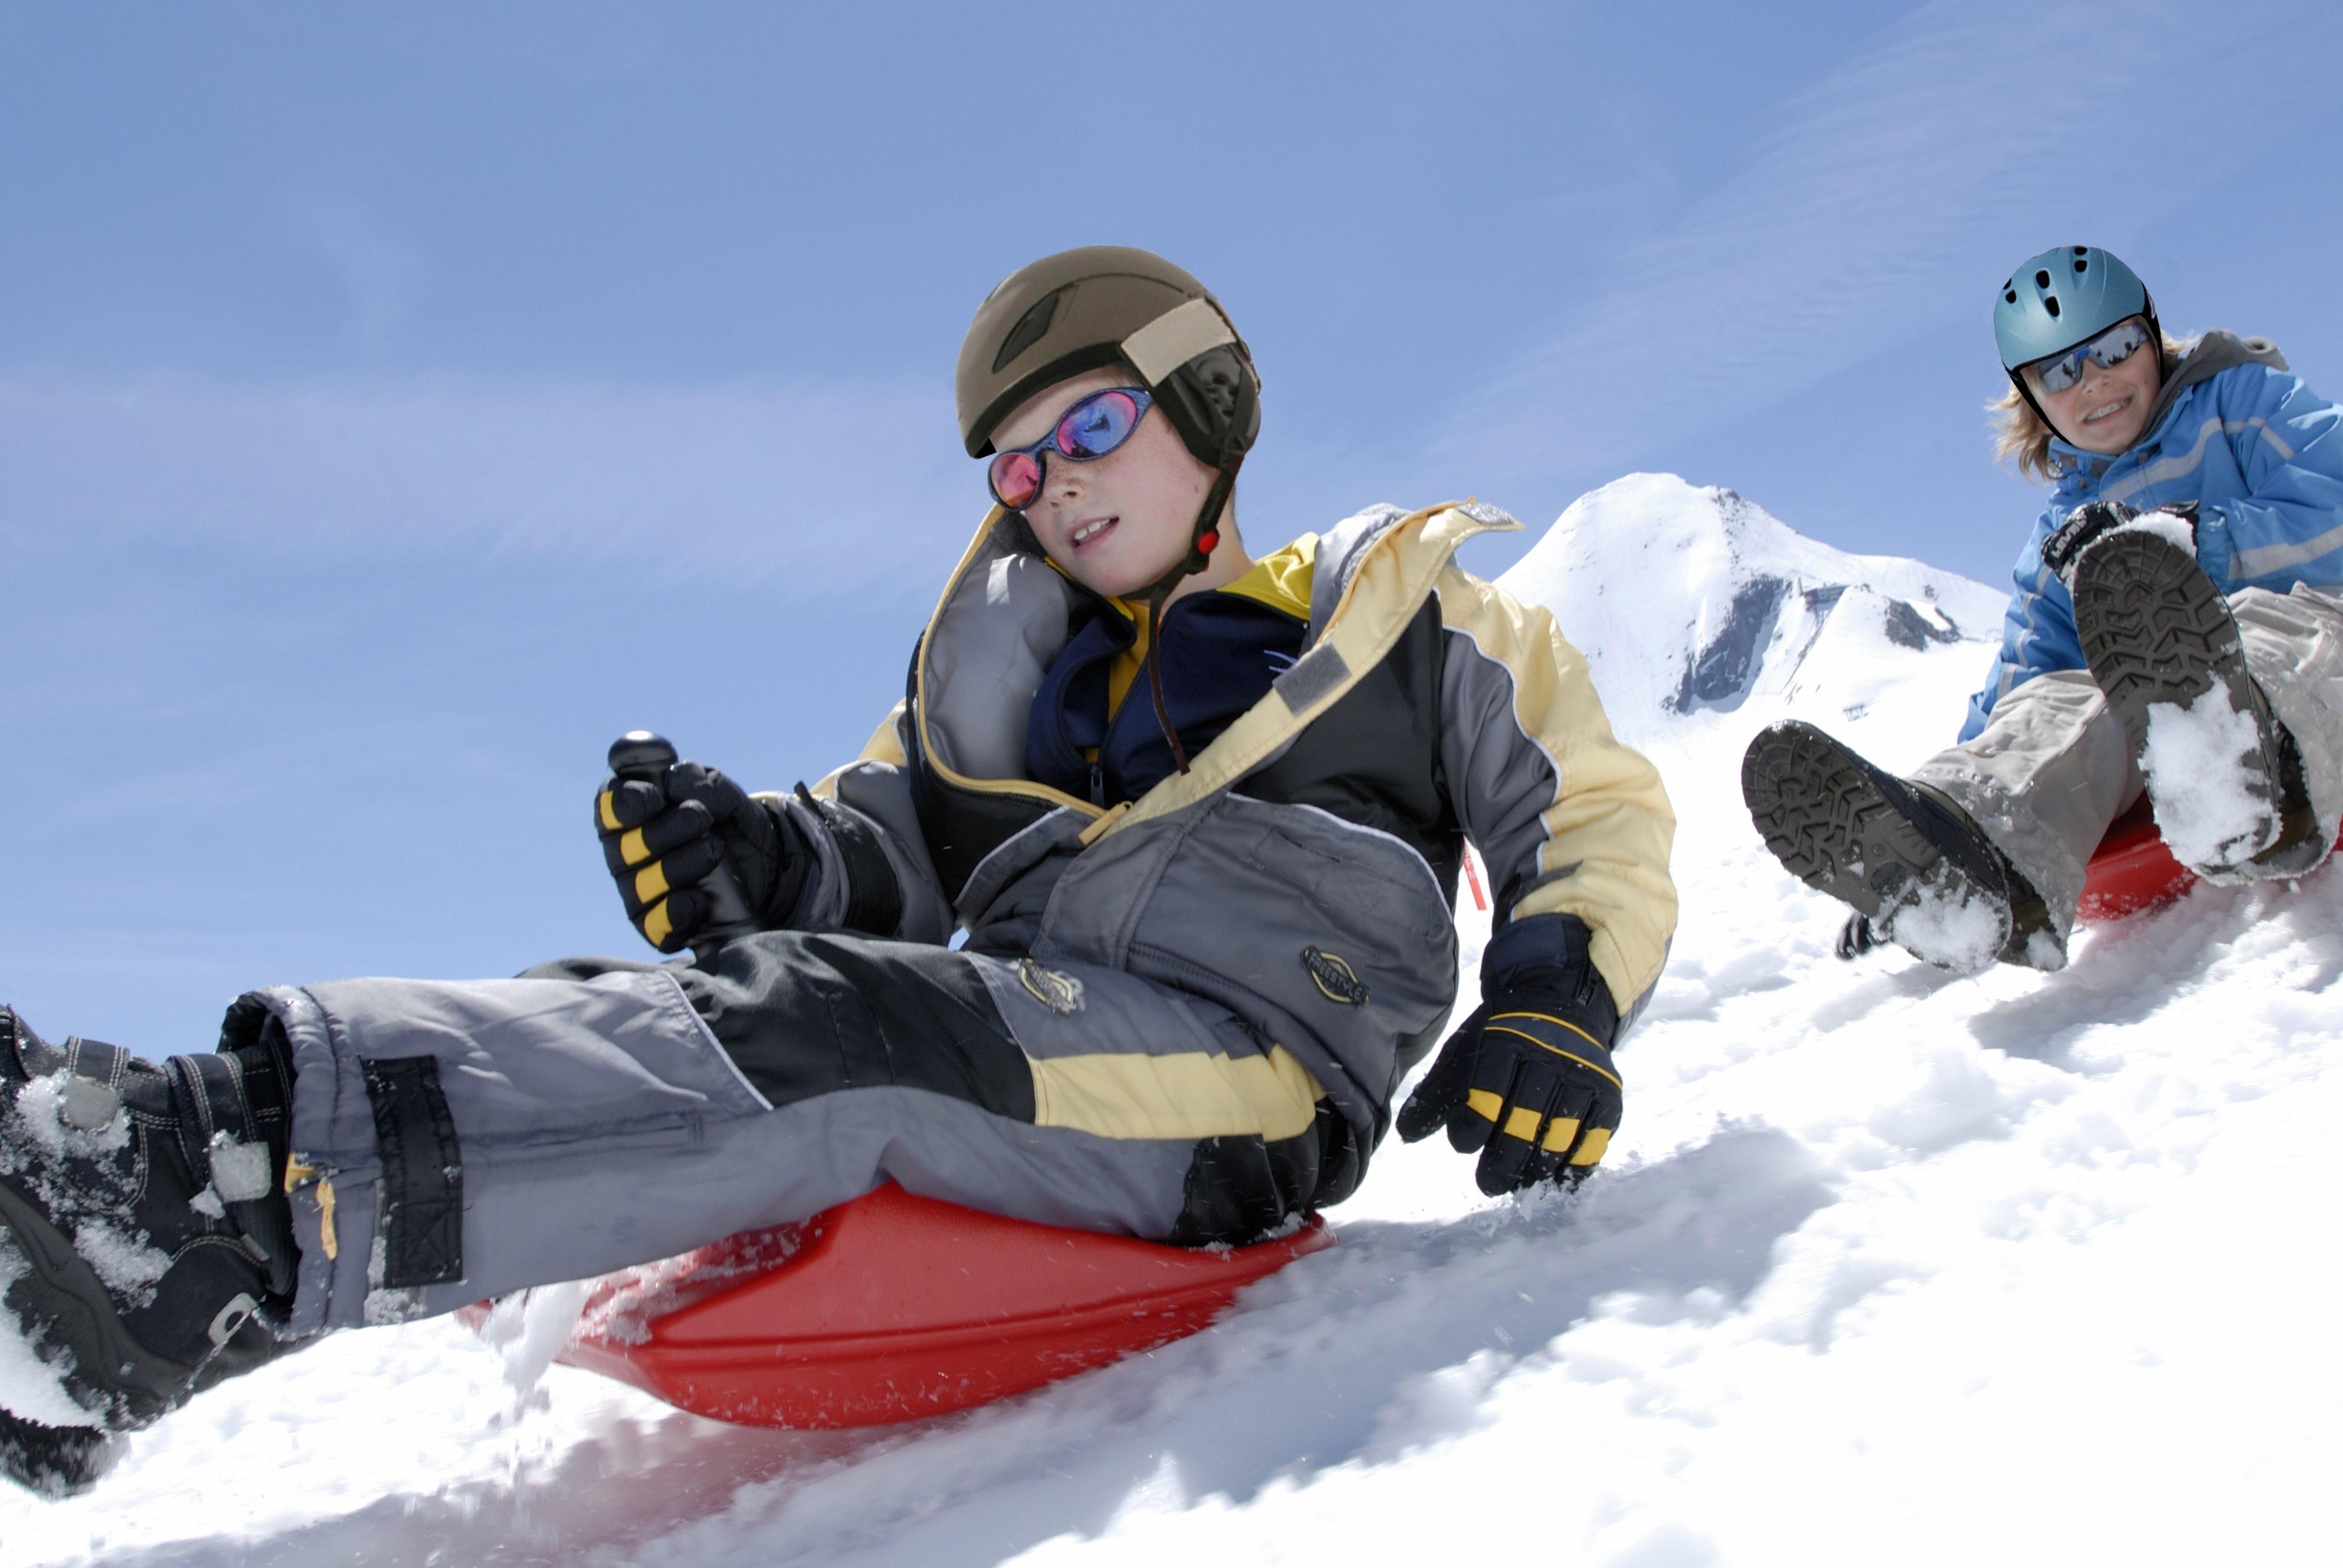 Hot Dog Ski Bunny Alyeska